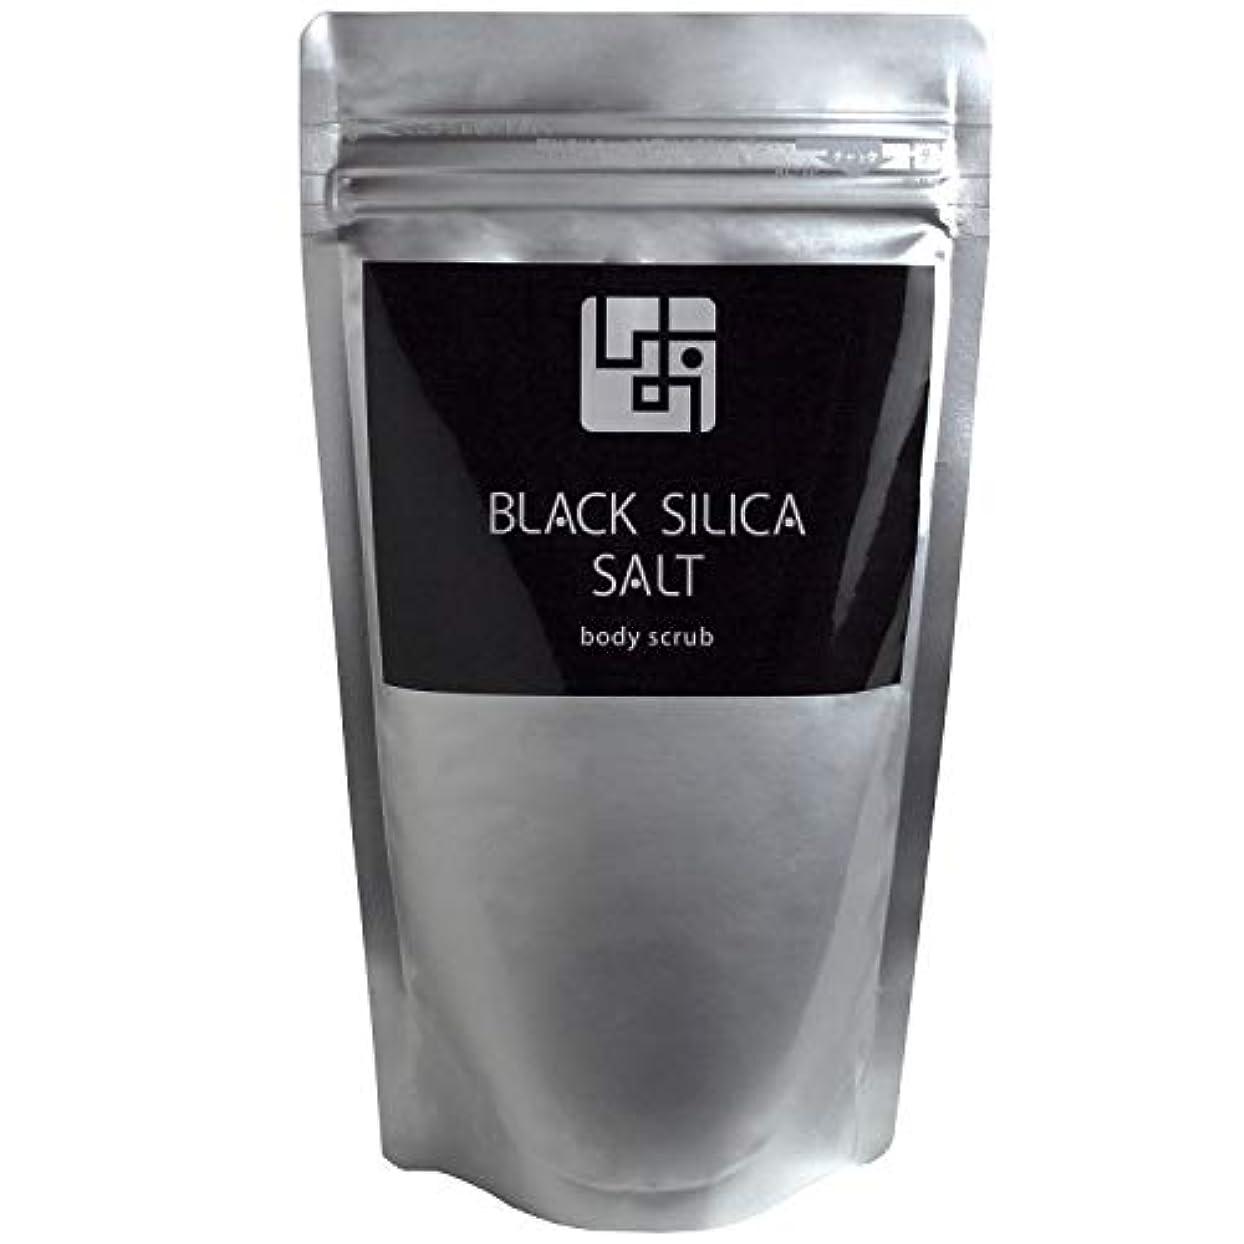 繁栄する知覚的しなやか【BLACK SILICA SALT】ブラックシリカソルト 黒ずみ?角質ケア専用 ボディ?スクラブ (全身用?粉末) 400g